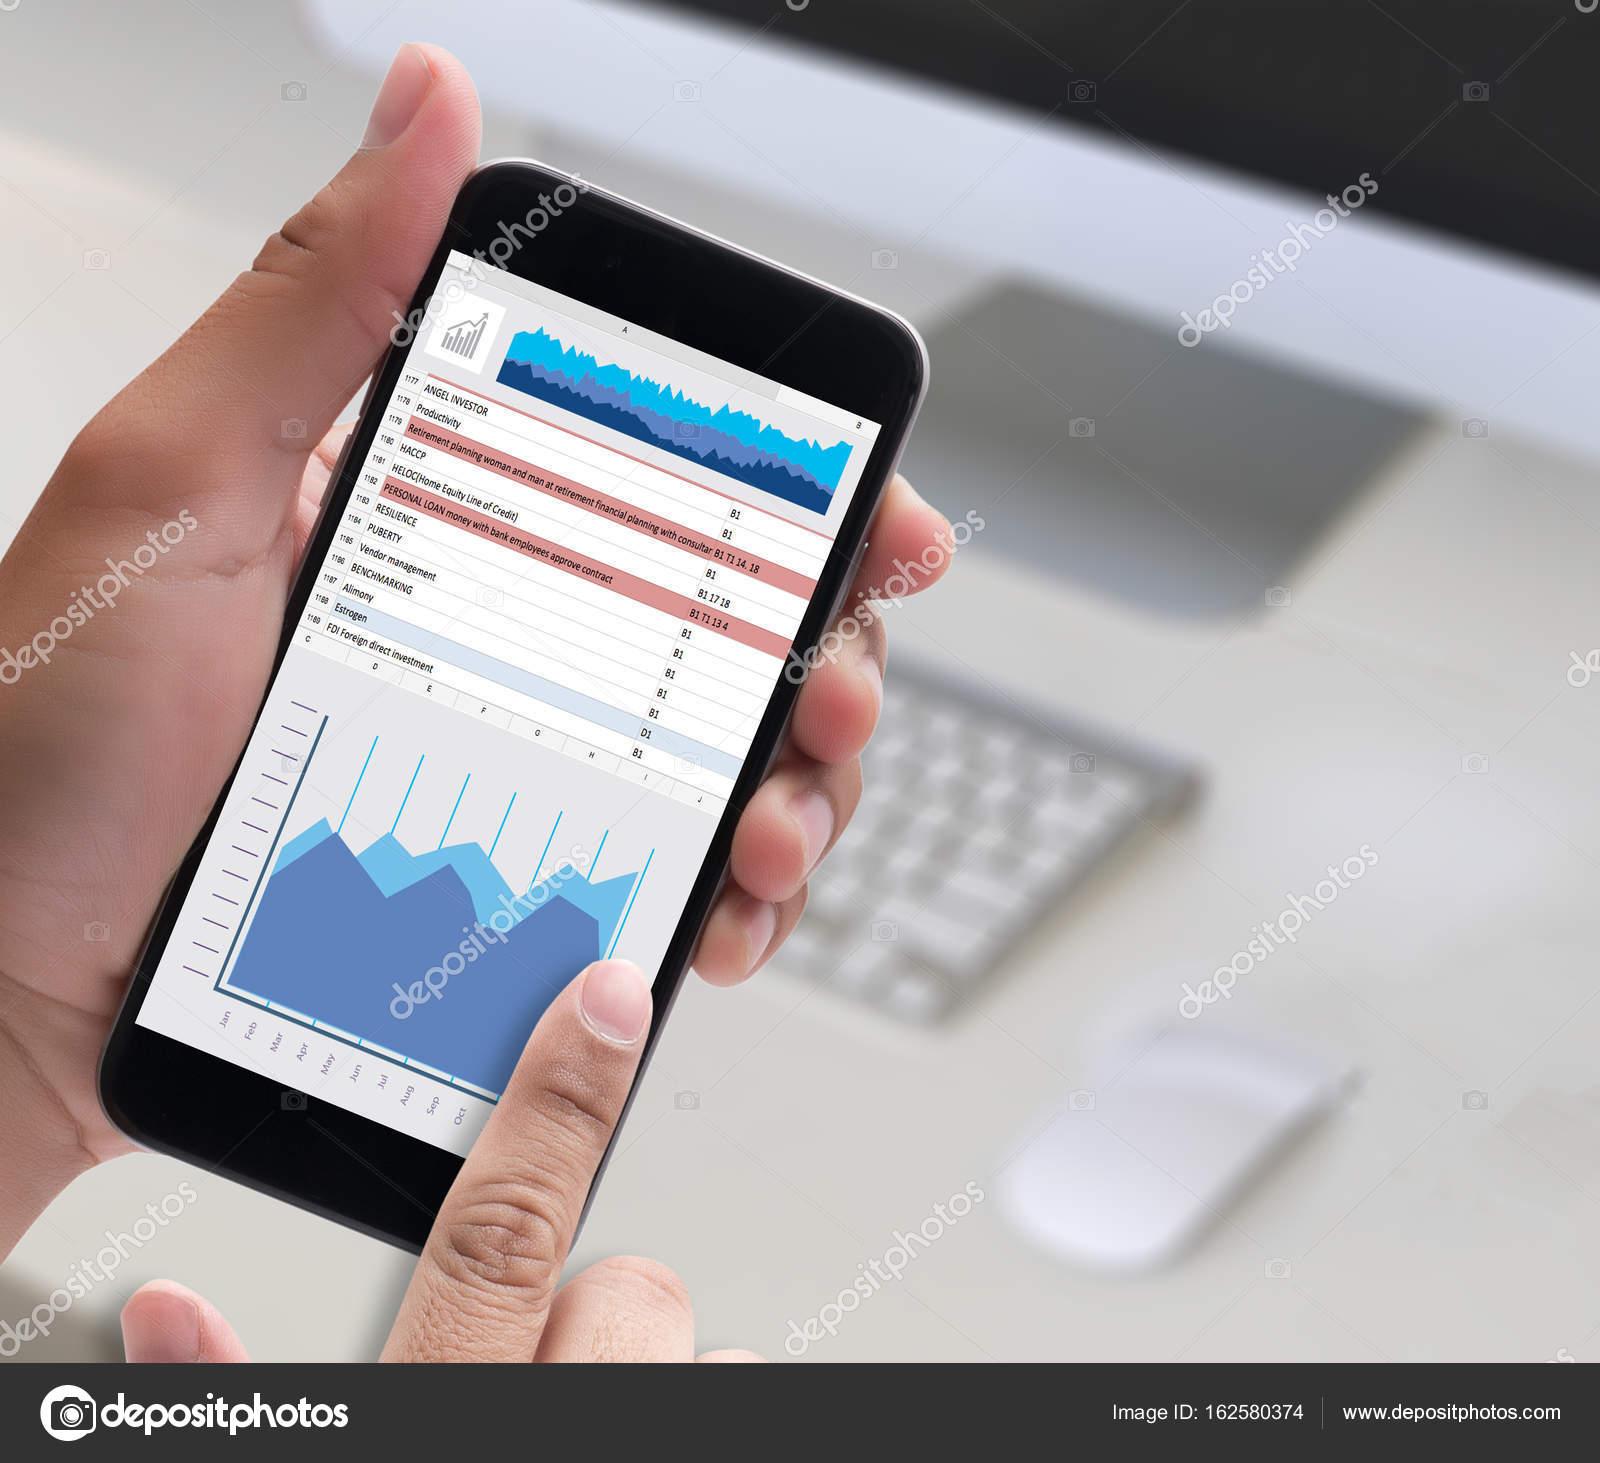 мобильный банк хоум кредит скачать